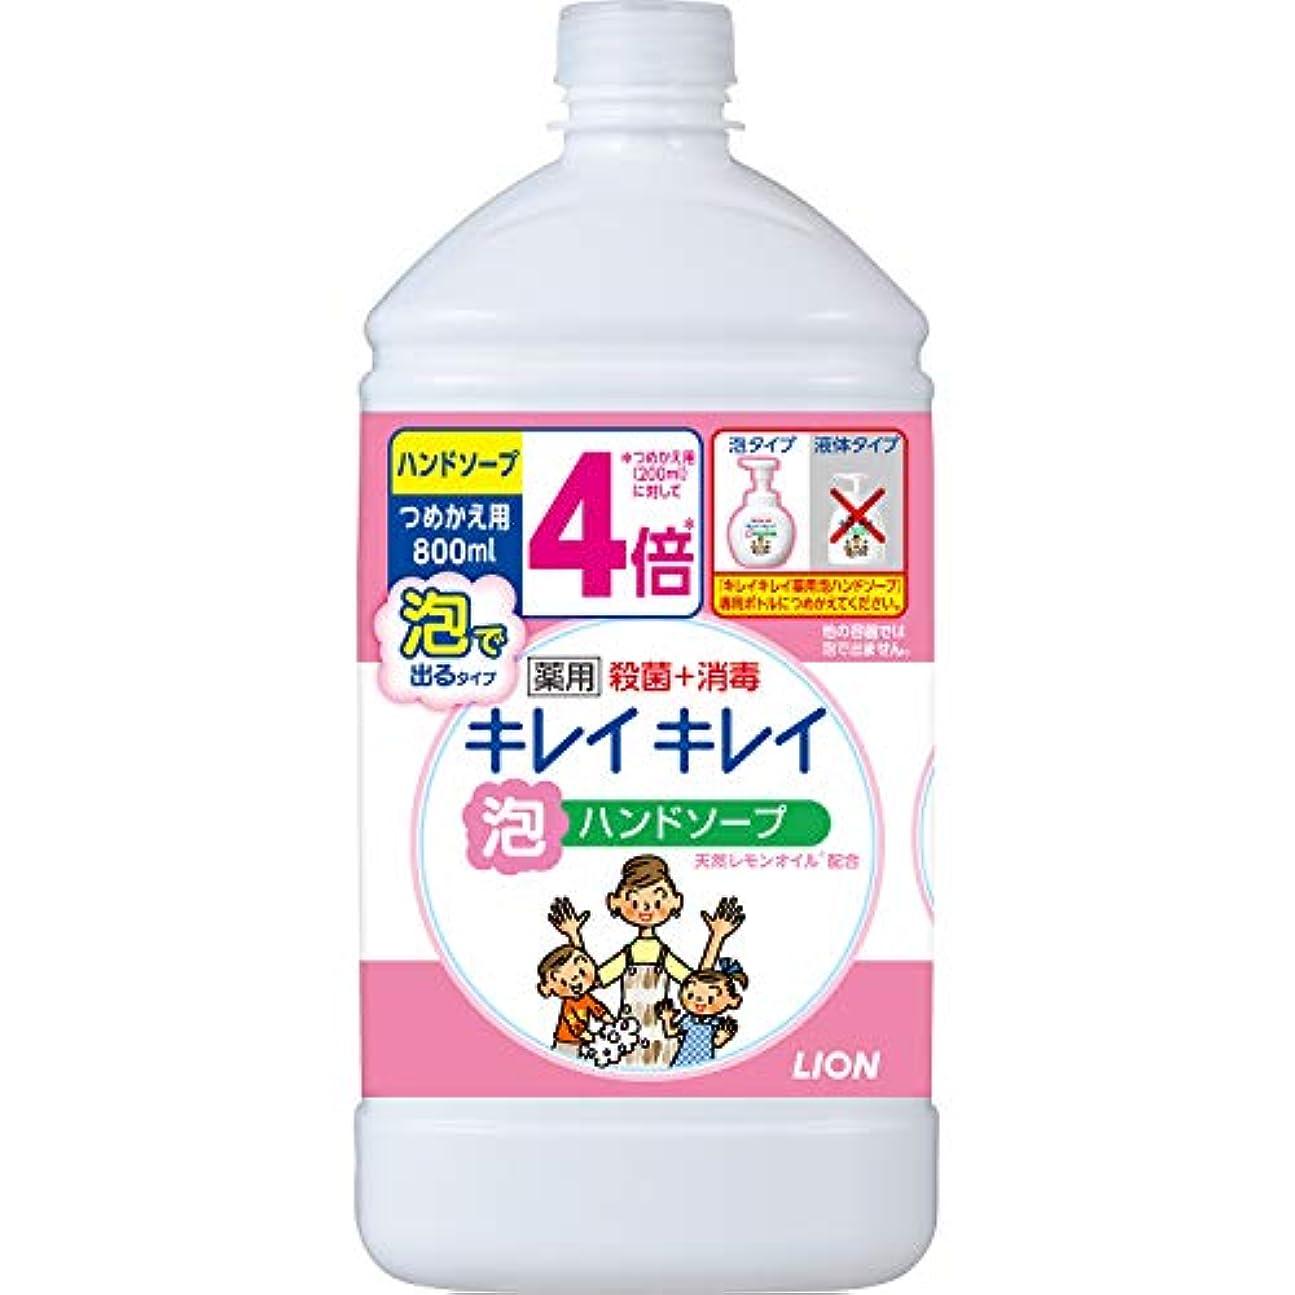 衛星タンパク質シャンパン(医薬部外品)【大容量】キレイキレイ 薬用 泡ハンドソープ シトラスフルーティの香り 詰替特大 800ml